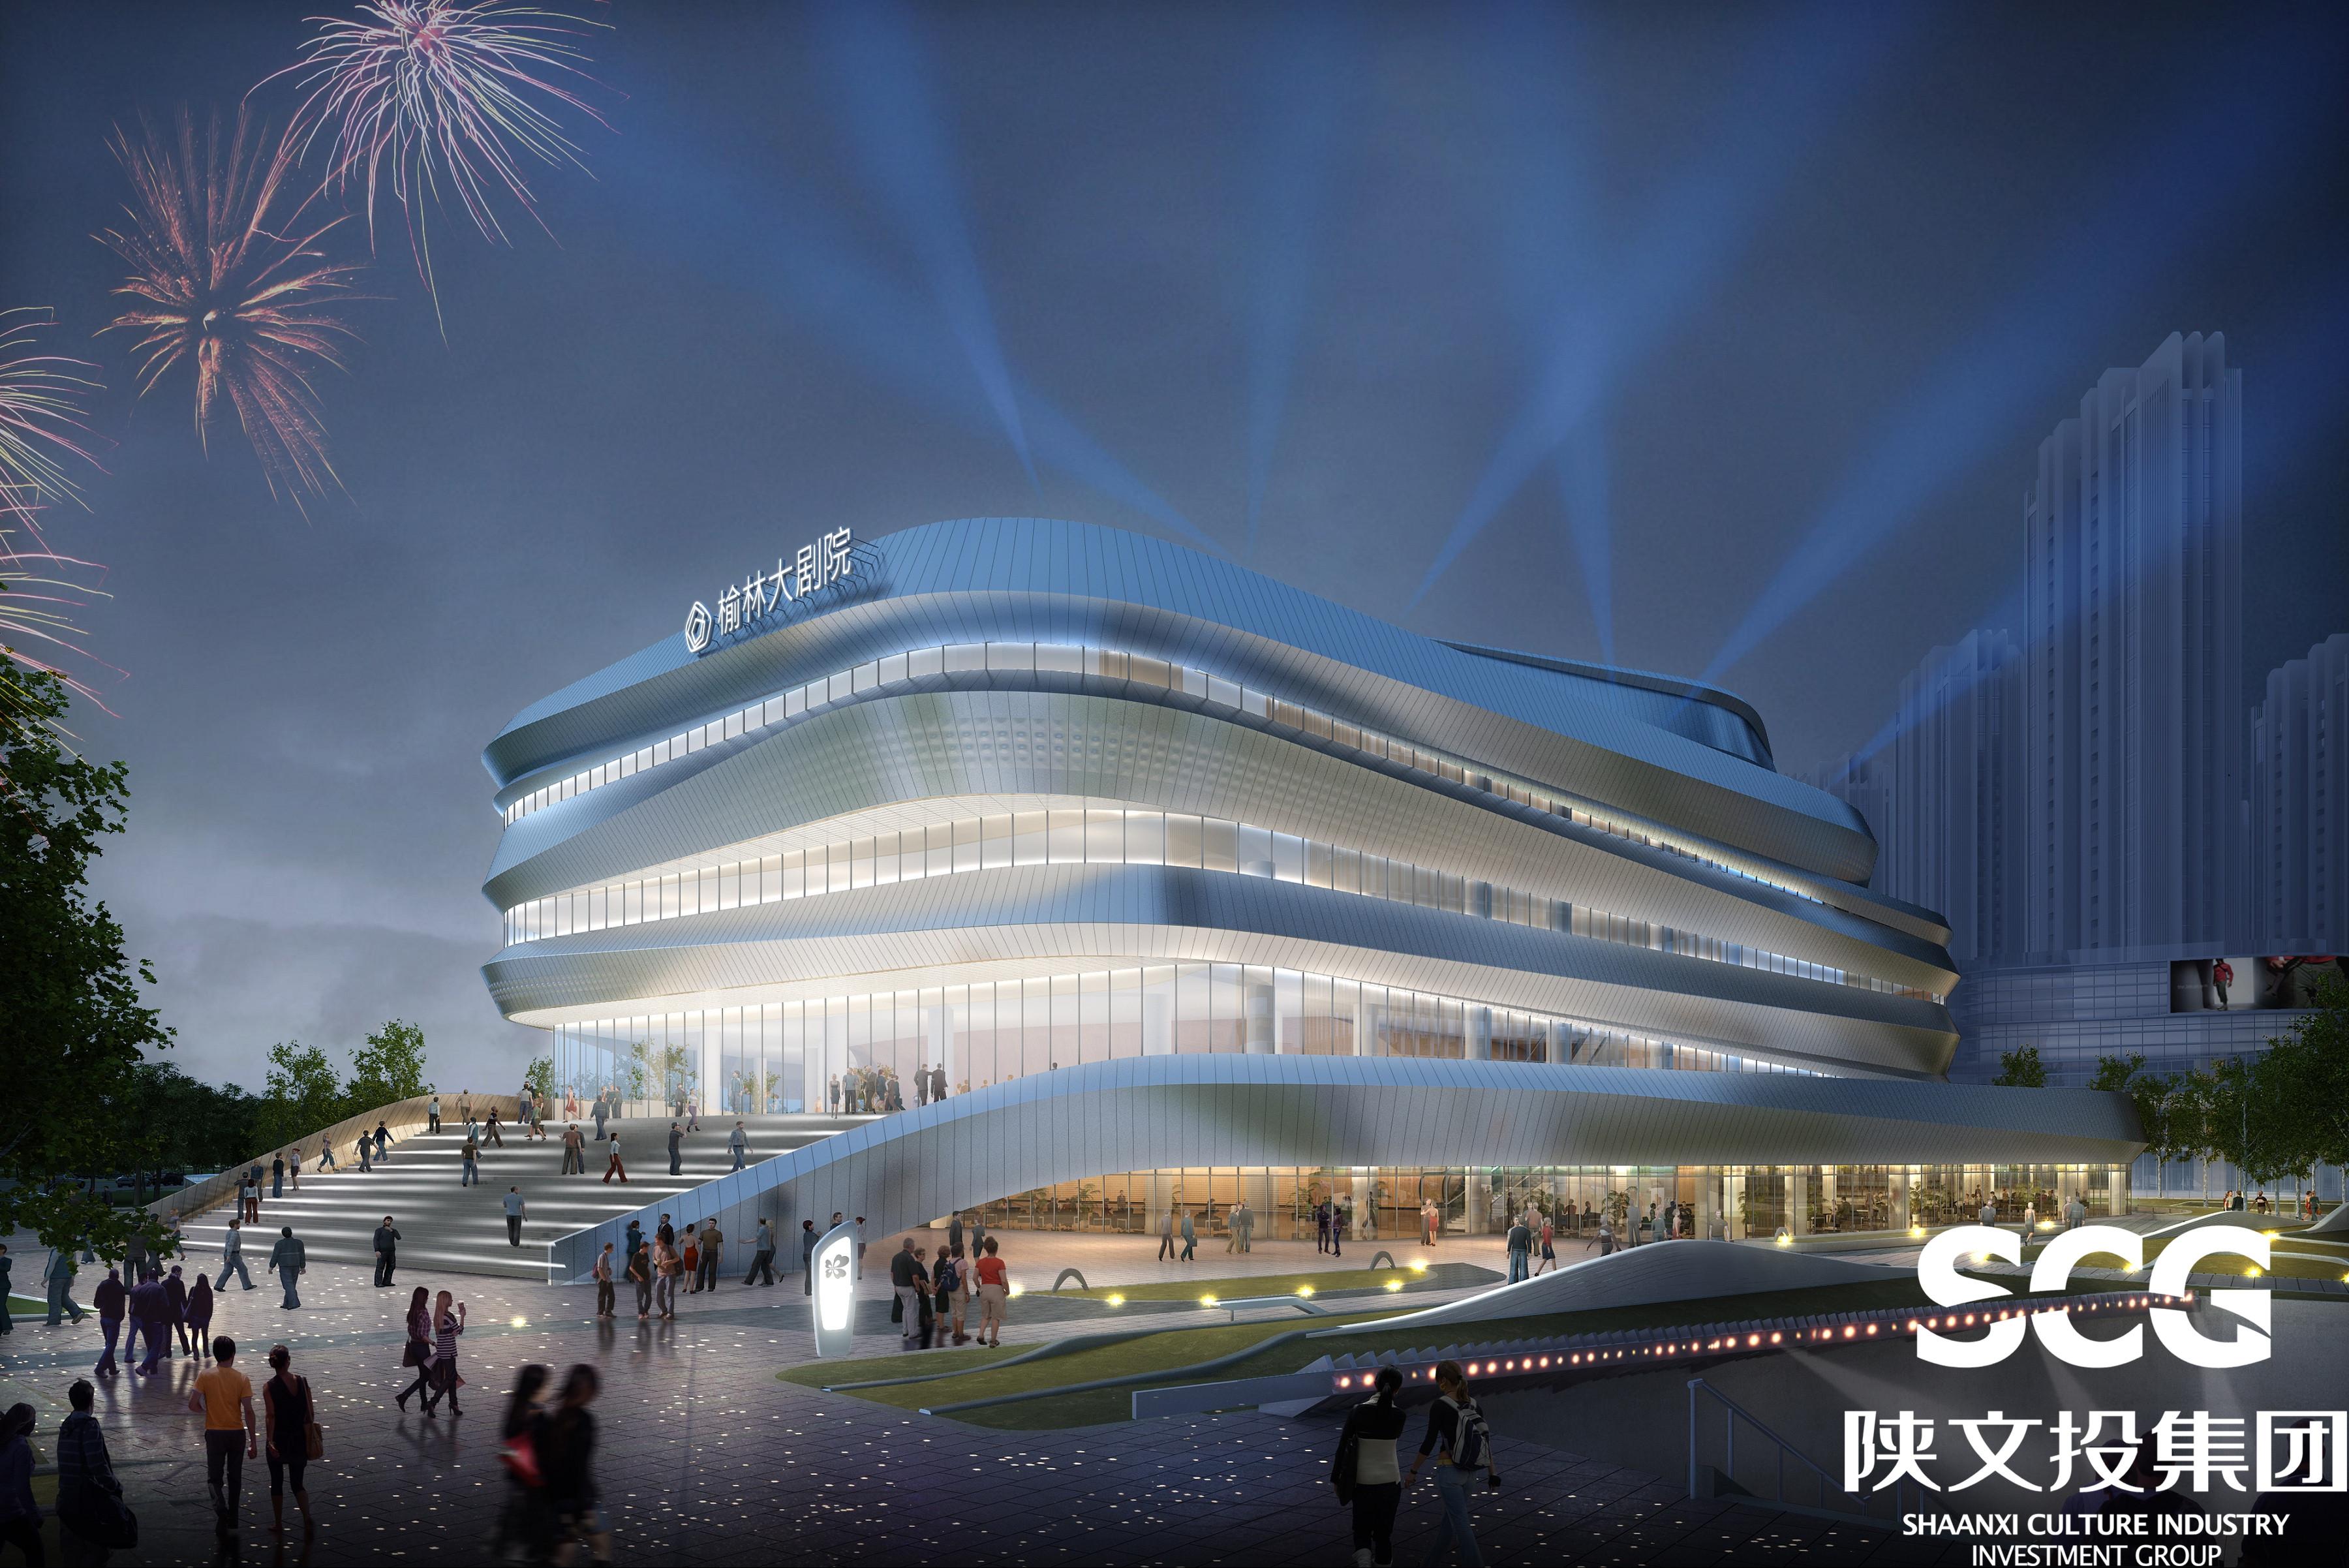 研究院完成初步设计及施工图设计,德国昆克剧院工程咨询公司承担舞台